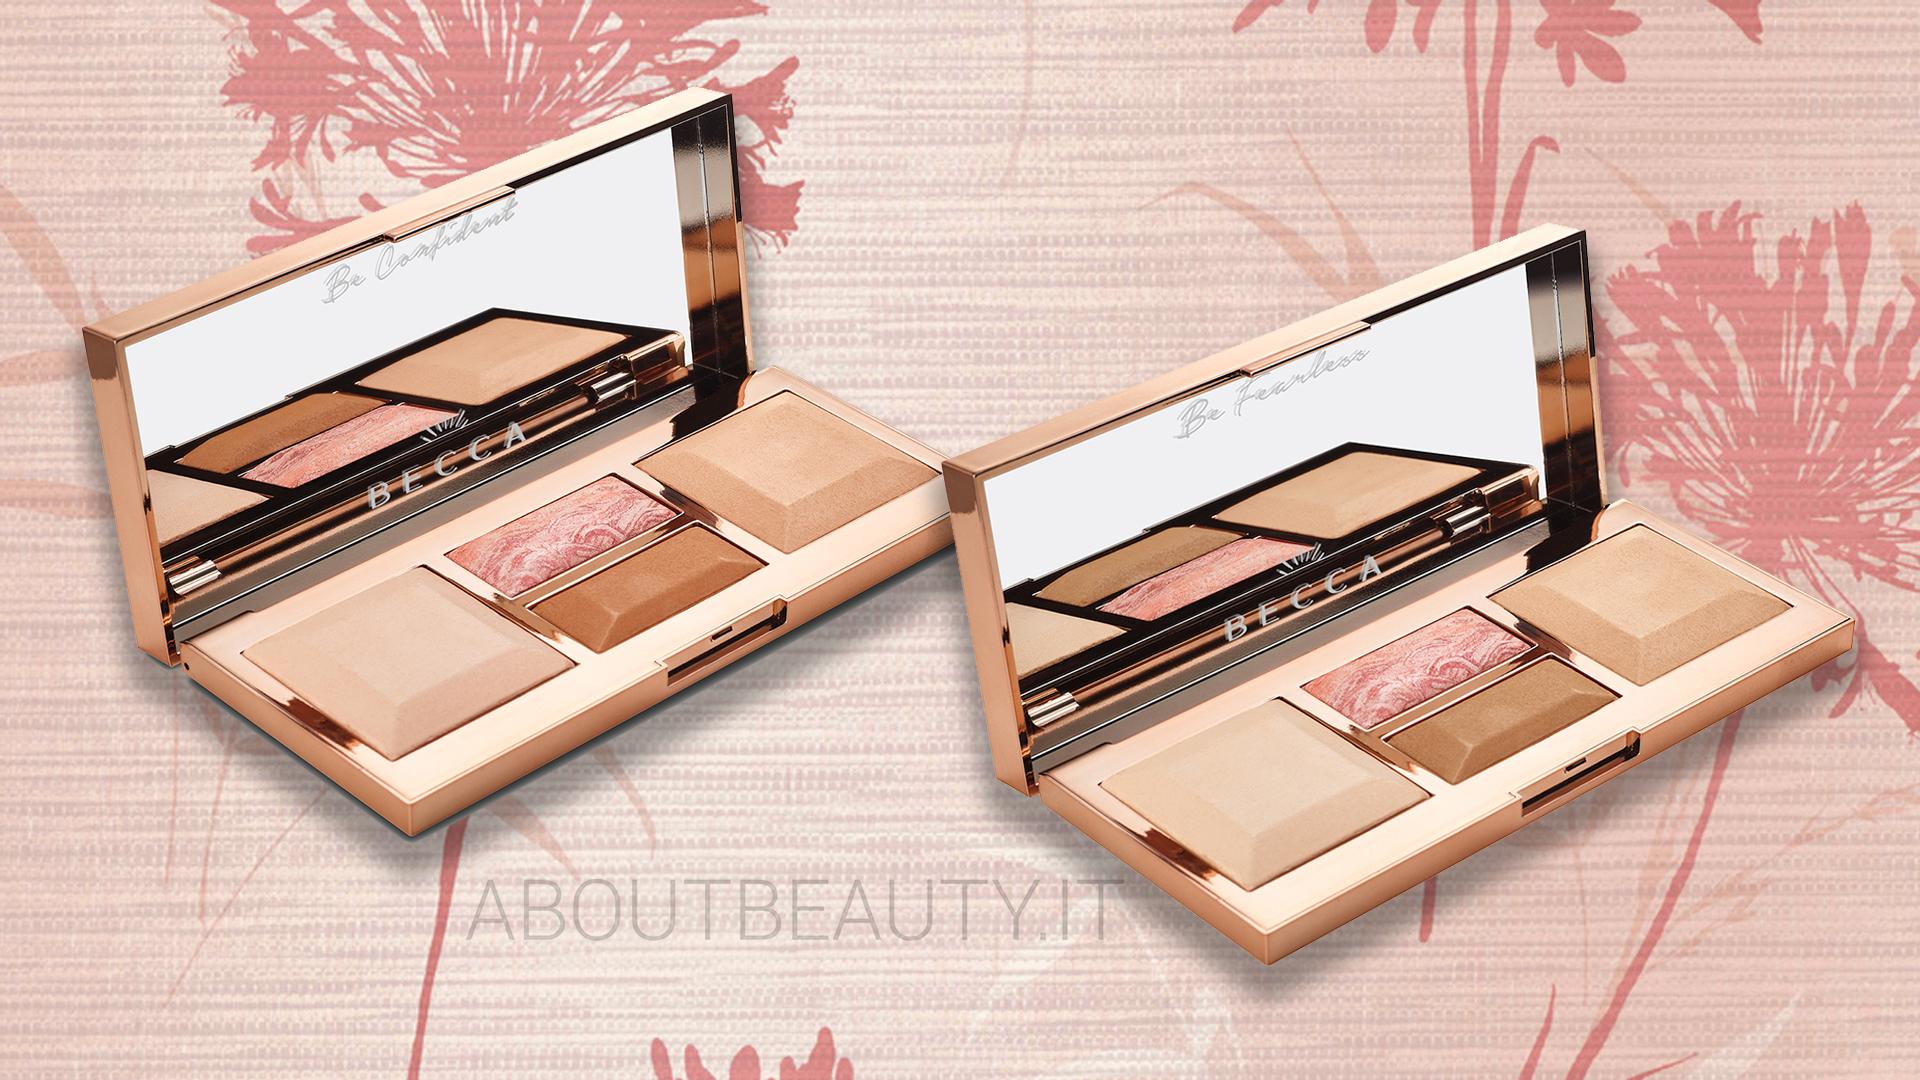 Tutte le novità Becca Cosmetics: la nuova palette viso Be a Light, l'Ultimate Coverage Foundation e i nuovi illuminanti - info, prezzi, swatch, opinioni, review, recensione